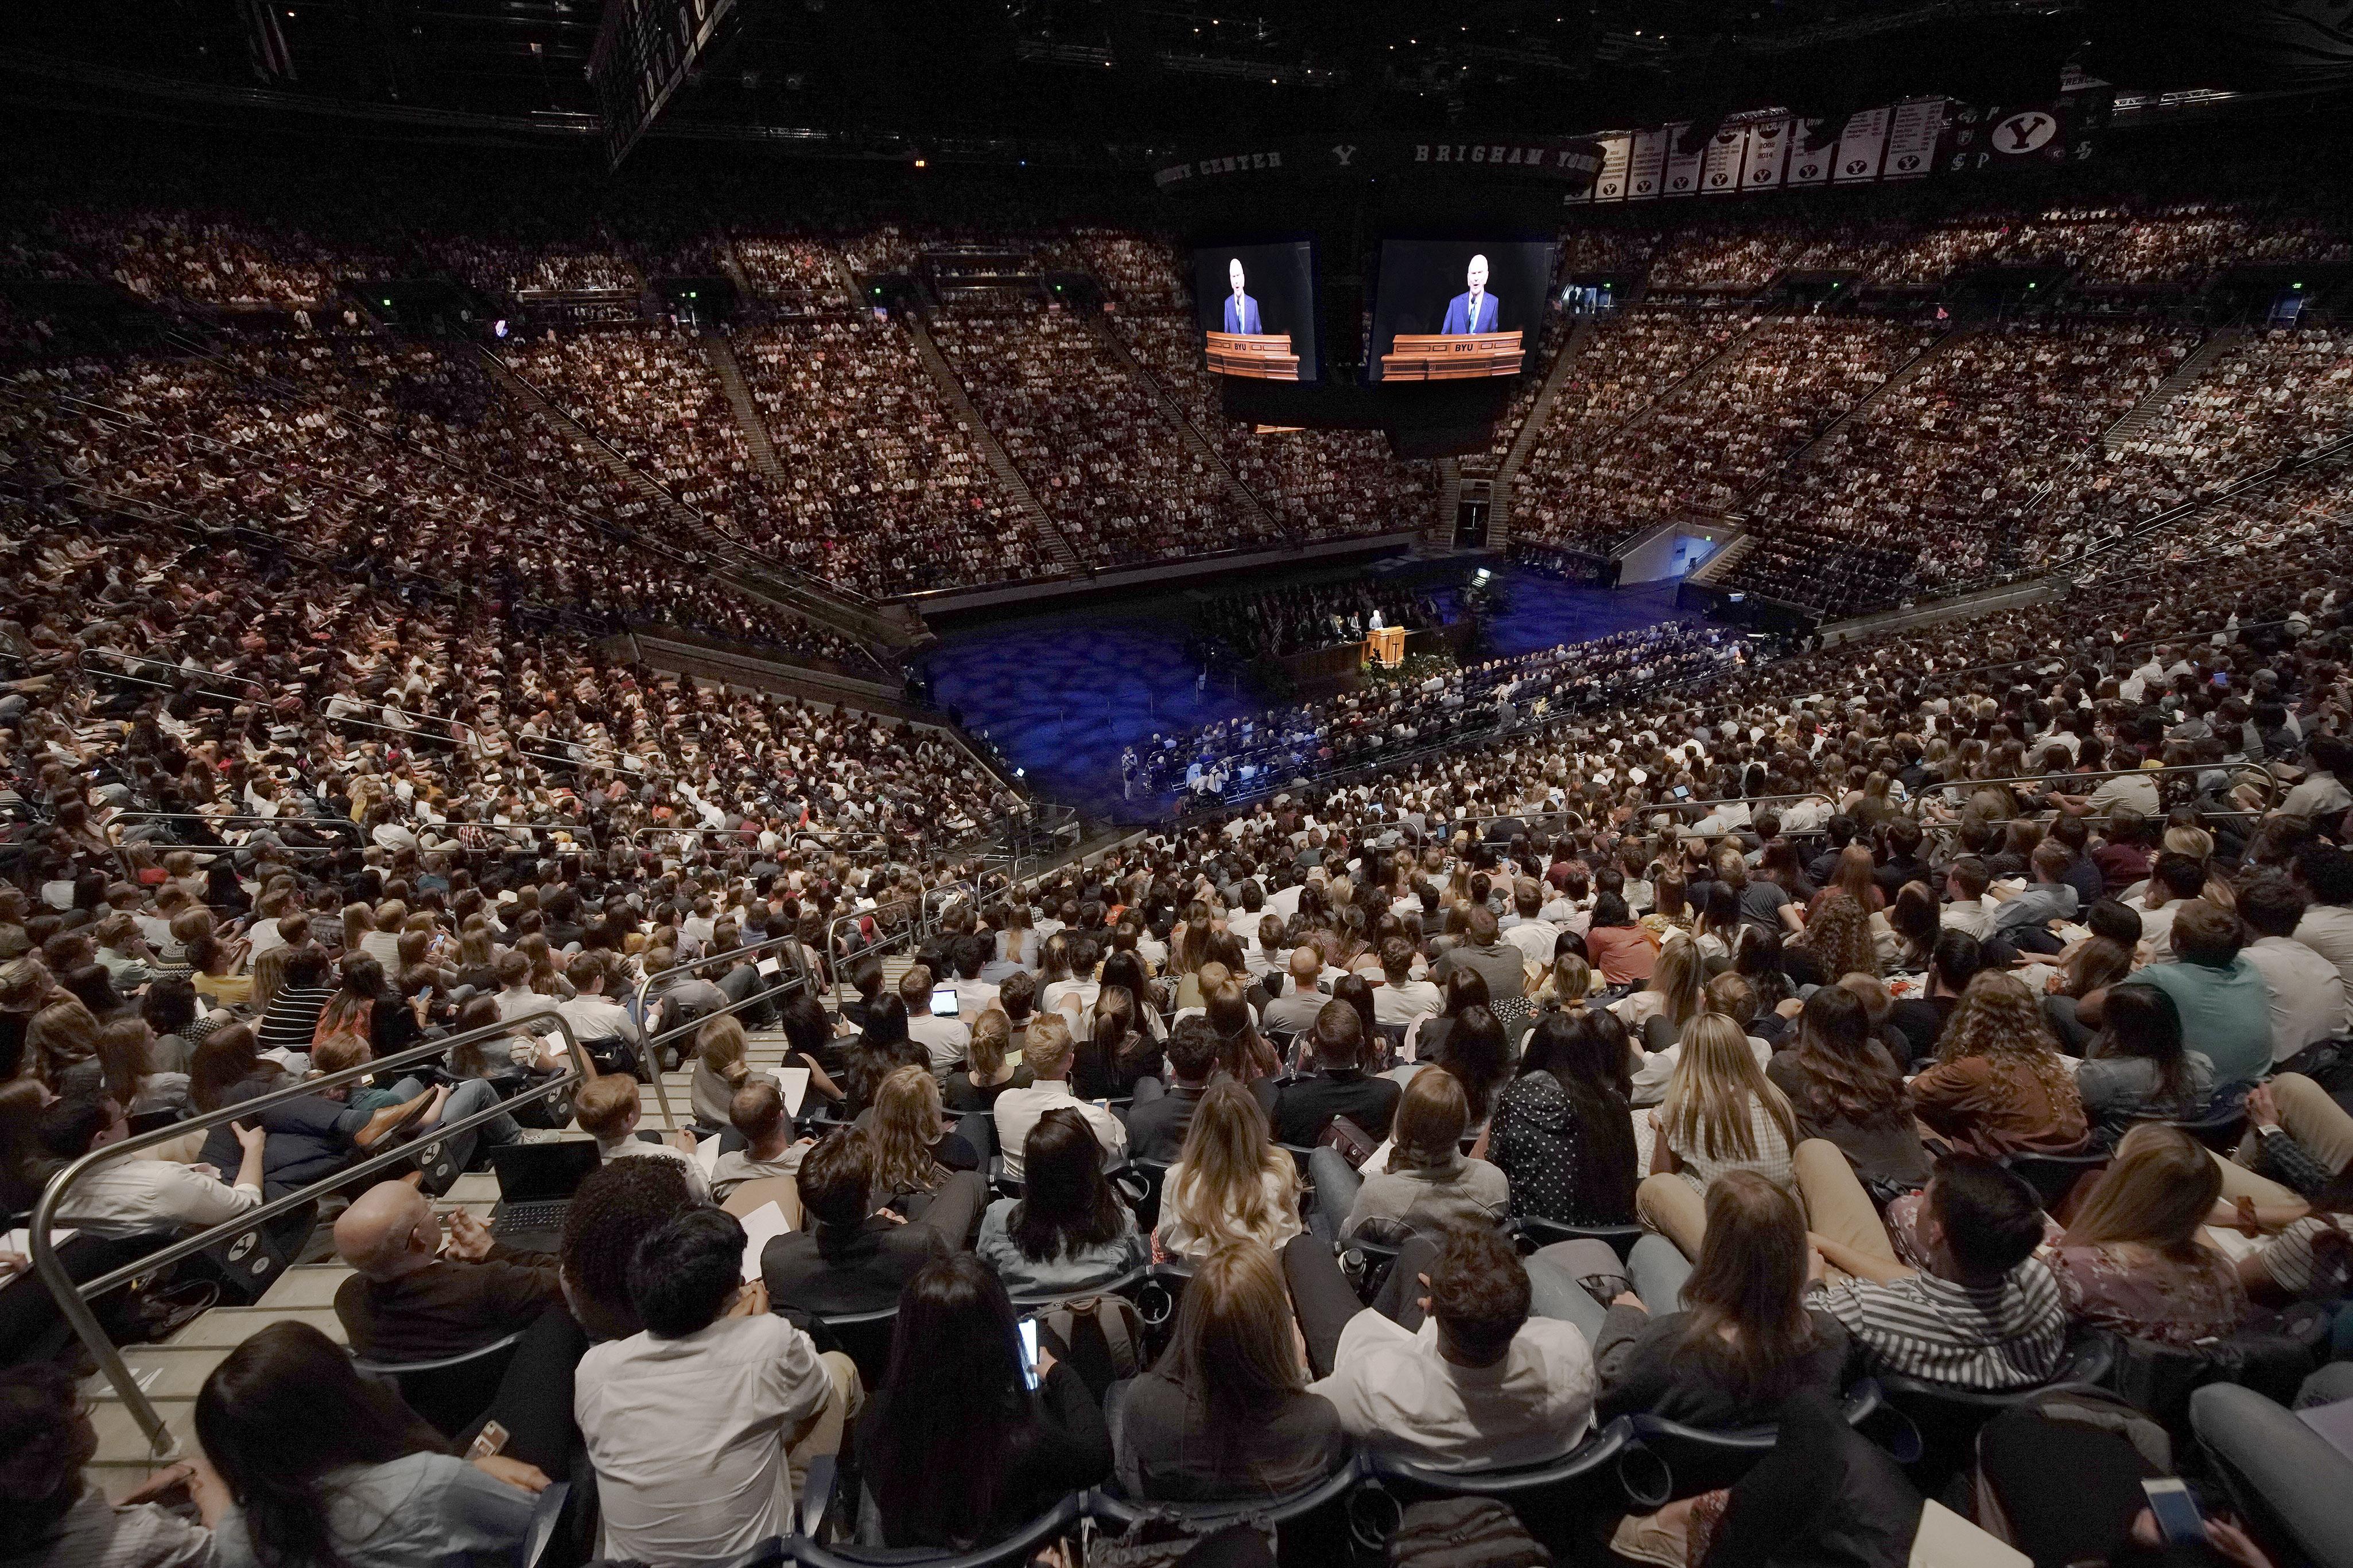 El presidente Russell M. Nelson, de La Iglesia de Jesucristo de los Santos de los Últimos días, habla durante un devocional en la Universidad de Brigham Young en Provo, el martes 17 de septiembre de 2019.